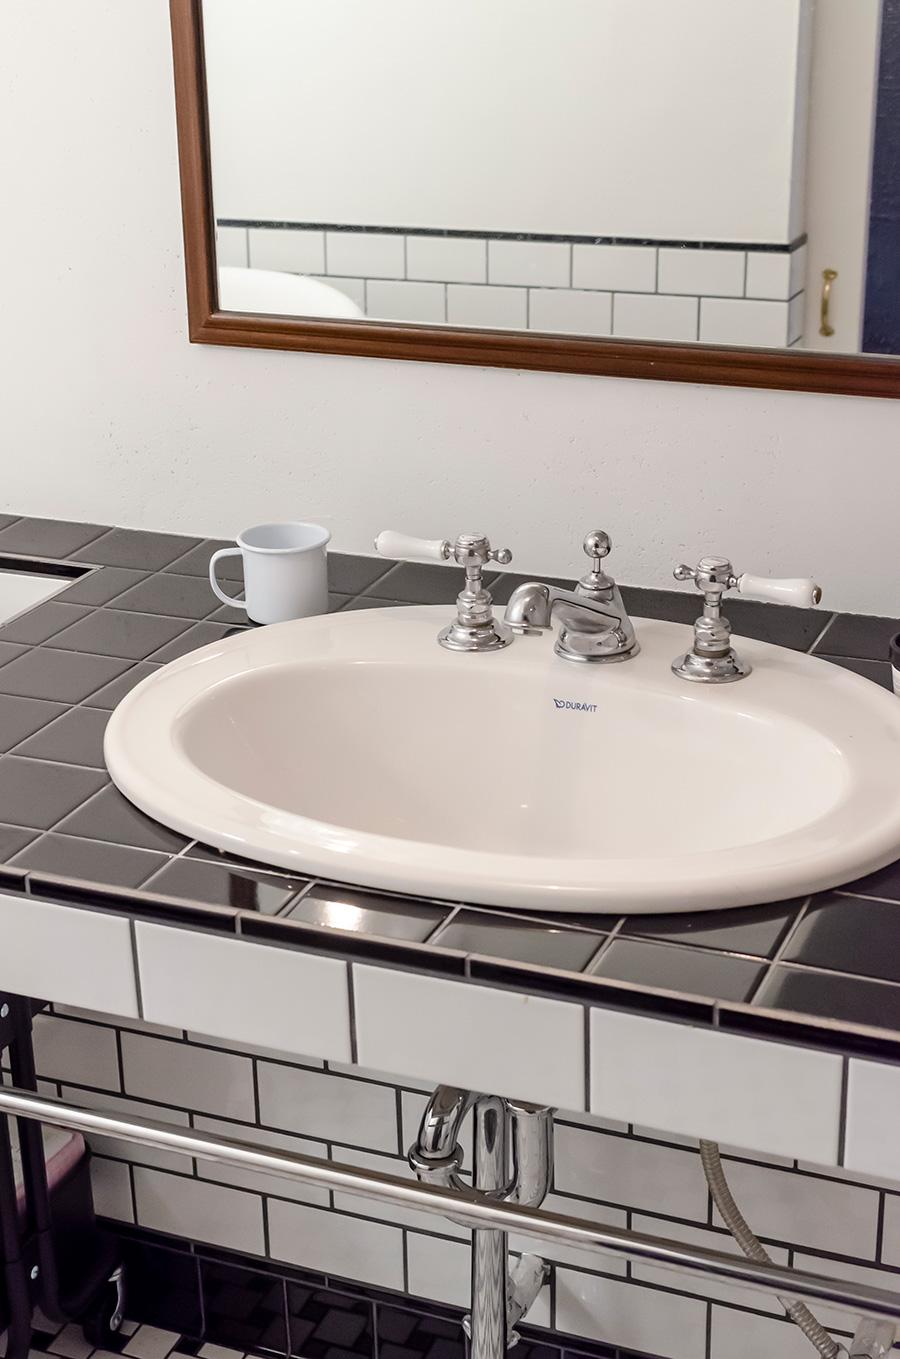 洗面器はドイツ製『DURAVIT』のもの。